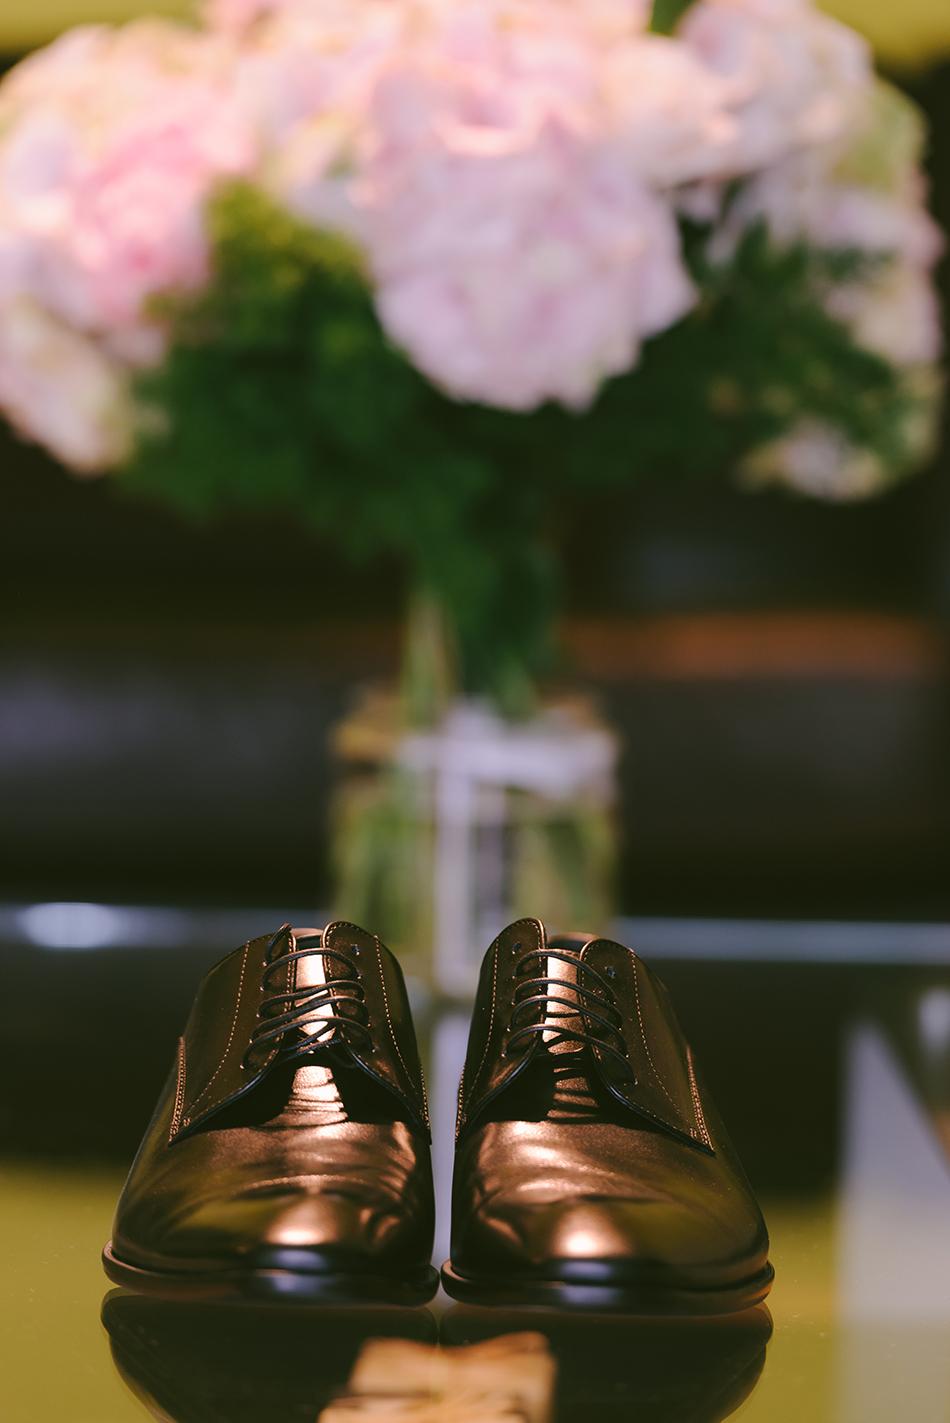 AD Passion Photography | ben-si-alla-nunta-bruxelles-photographie-de-mariage-bruxelles_0016 | Adelin, Dida, fotograf profesionist, fotograf de nunta, fotografie de nunta, fotograf Timisoara, fotograf Craiova, fotograf Bucuresti, fotograf Arad, nunta Timisoara, nunta Arad, nunta Bucuresti, nunta Craiova